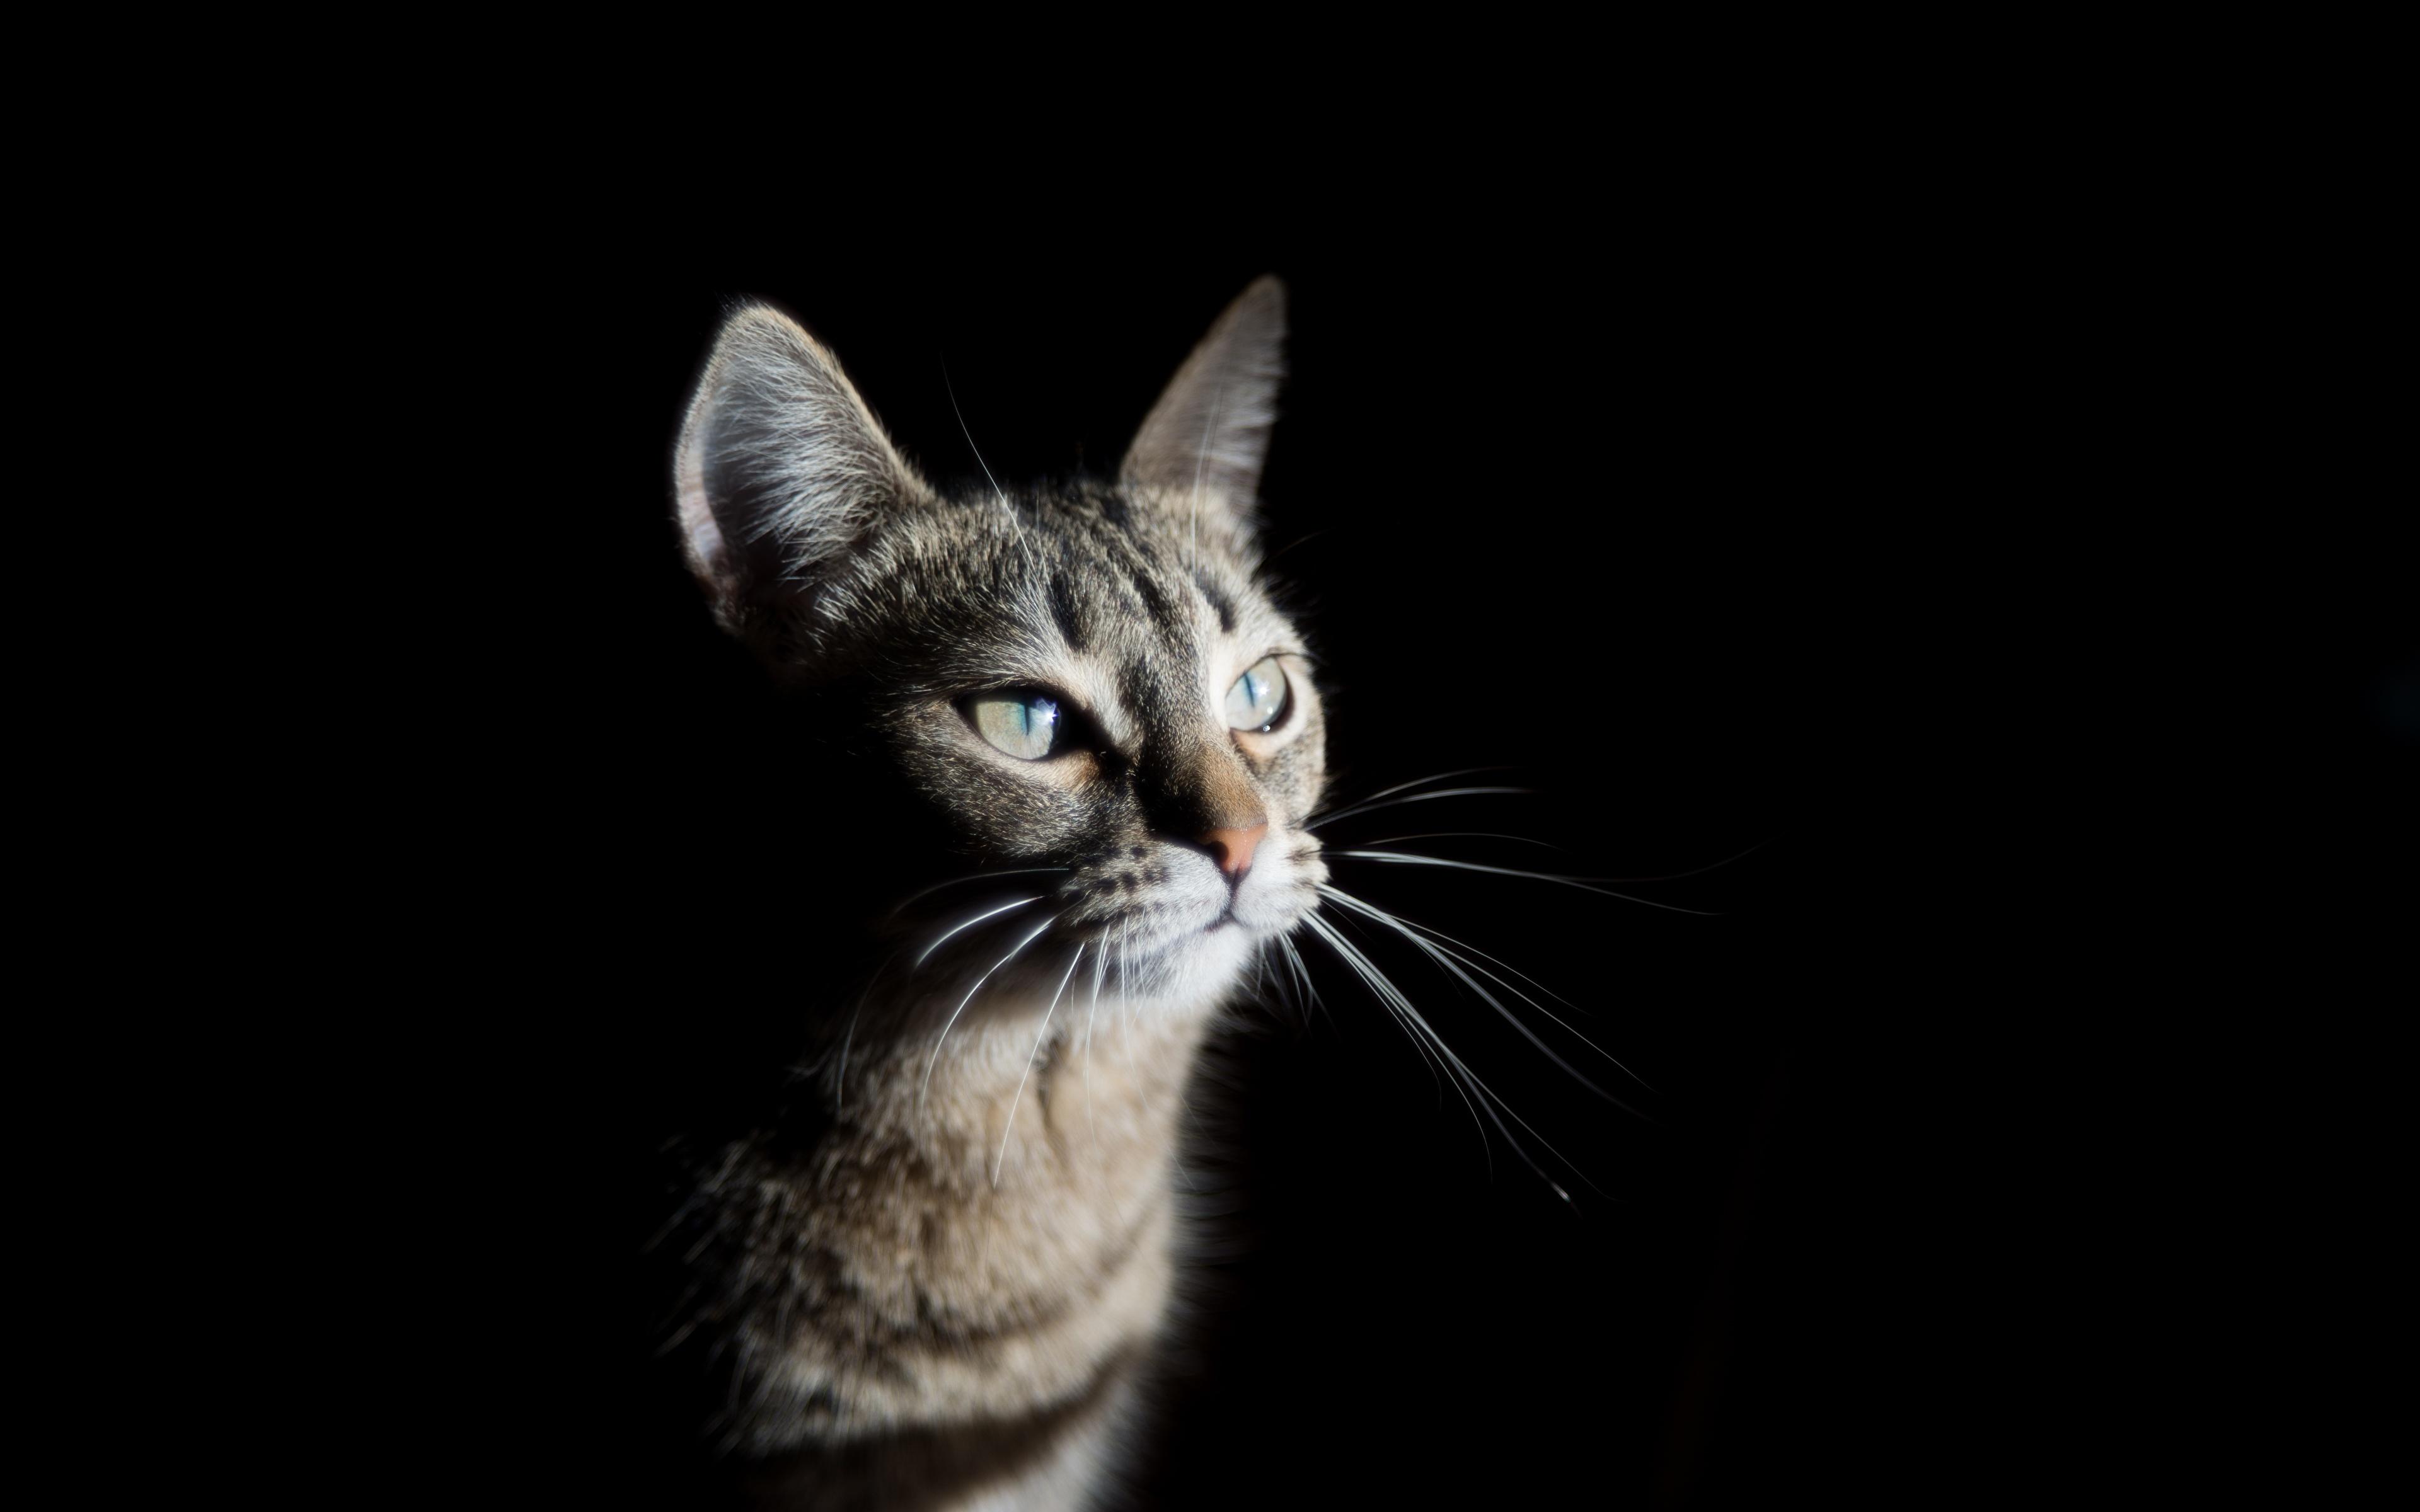 Фото Кошки Усы Вибриссы смотрит Животные Черный фон 3840x2400 кот коты кошка Взгляд смотрят животное на черном фоне